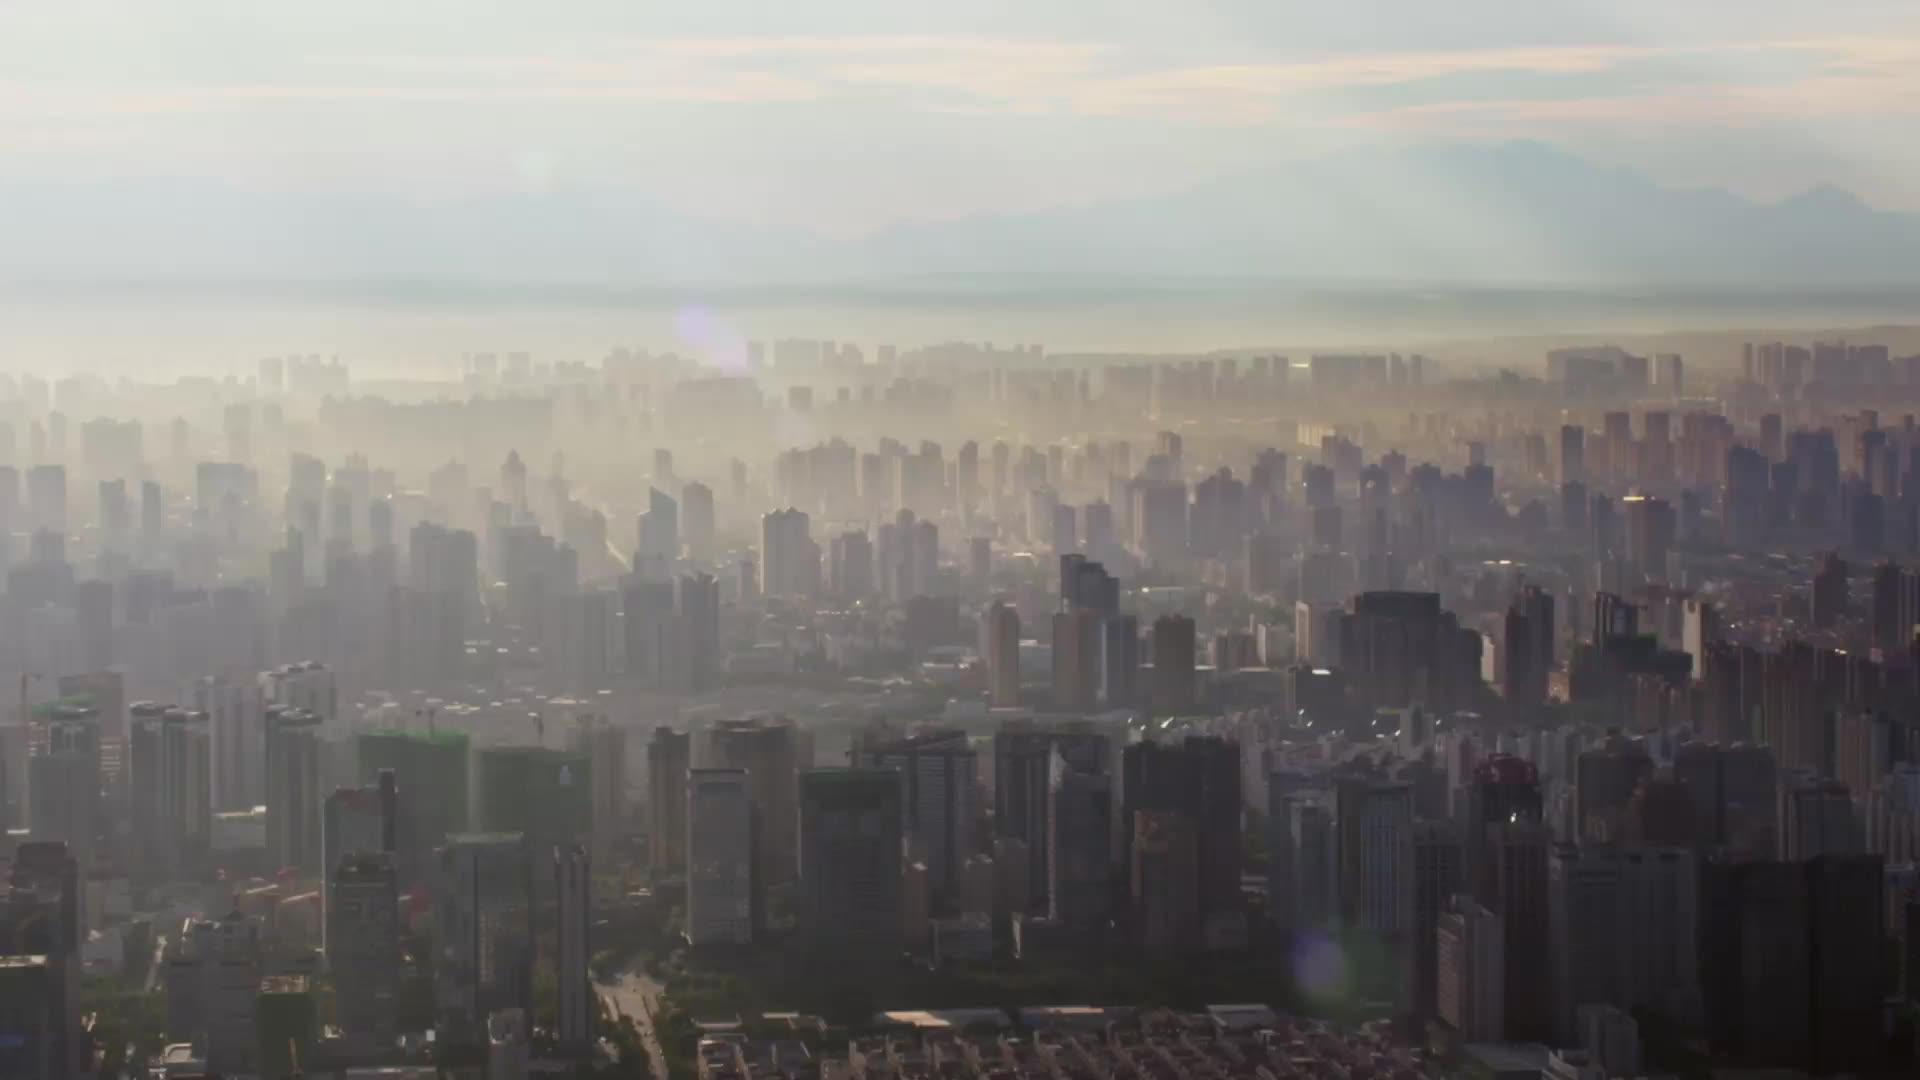 [视频]4分钟速览:大型电视纪录片《我们一起走过》第十七集、第十八集